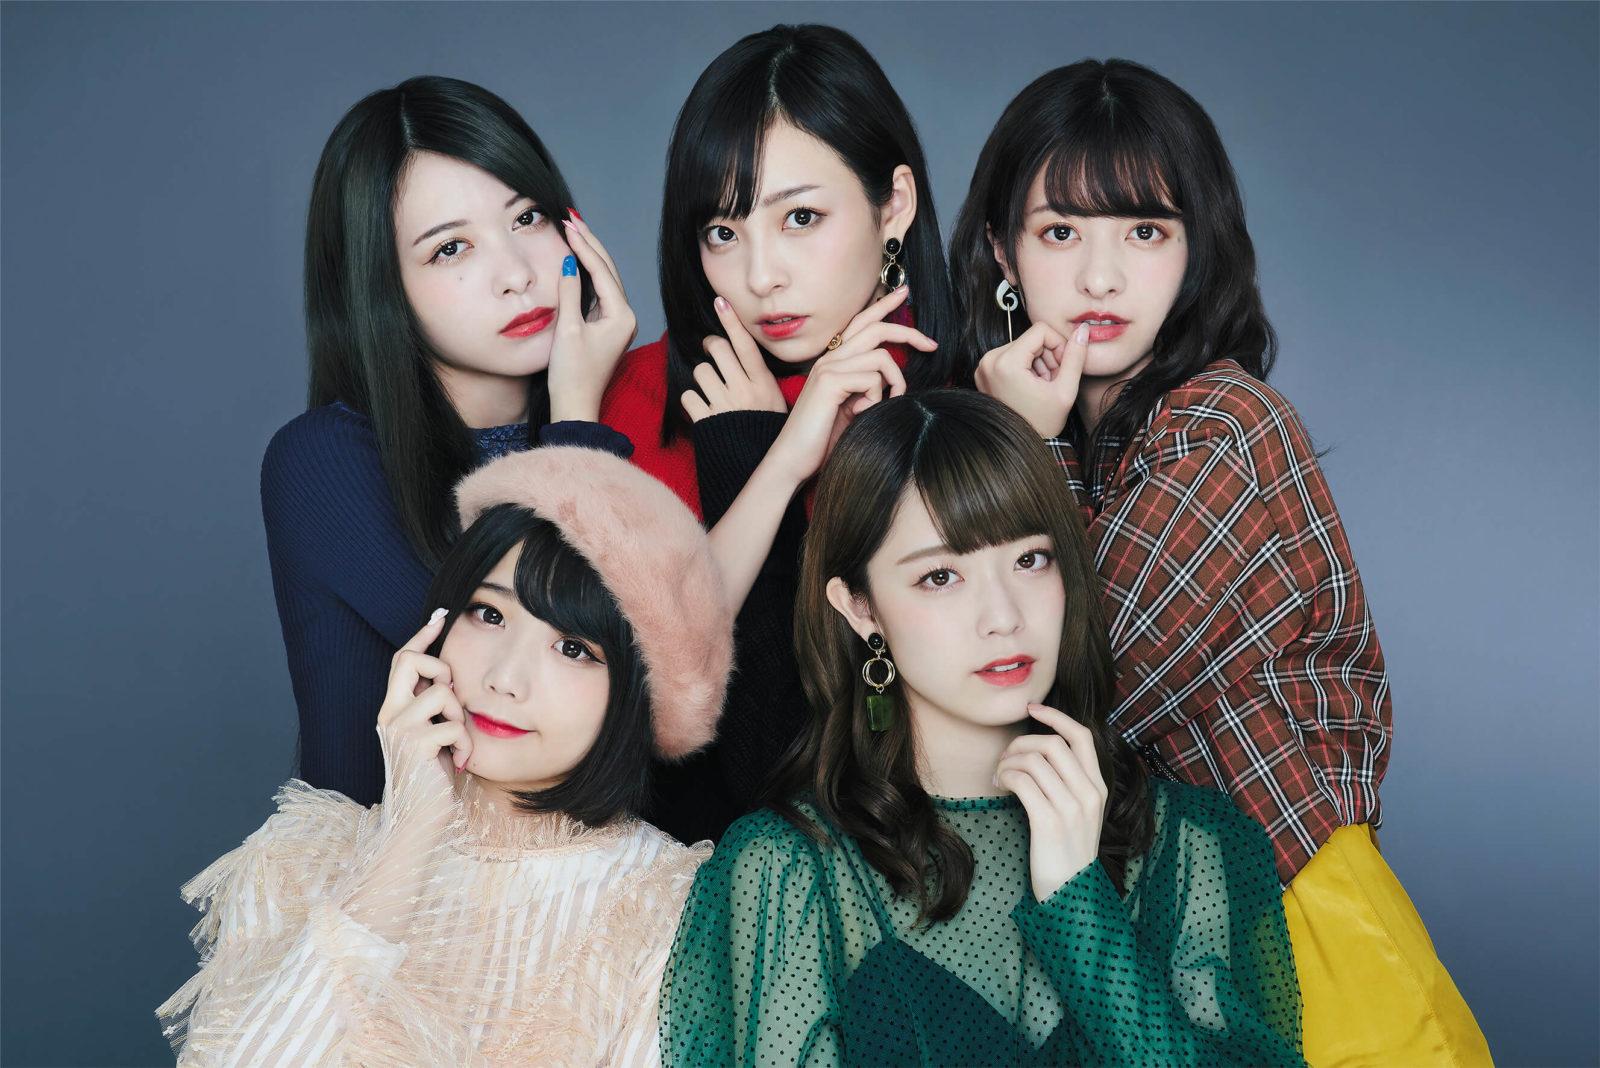 神宿、初のユニット曲「Erasor」OTOTOY先行でハイレゾ配信スタートサムネイル画像!